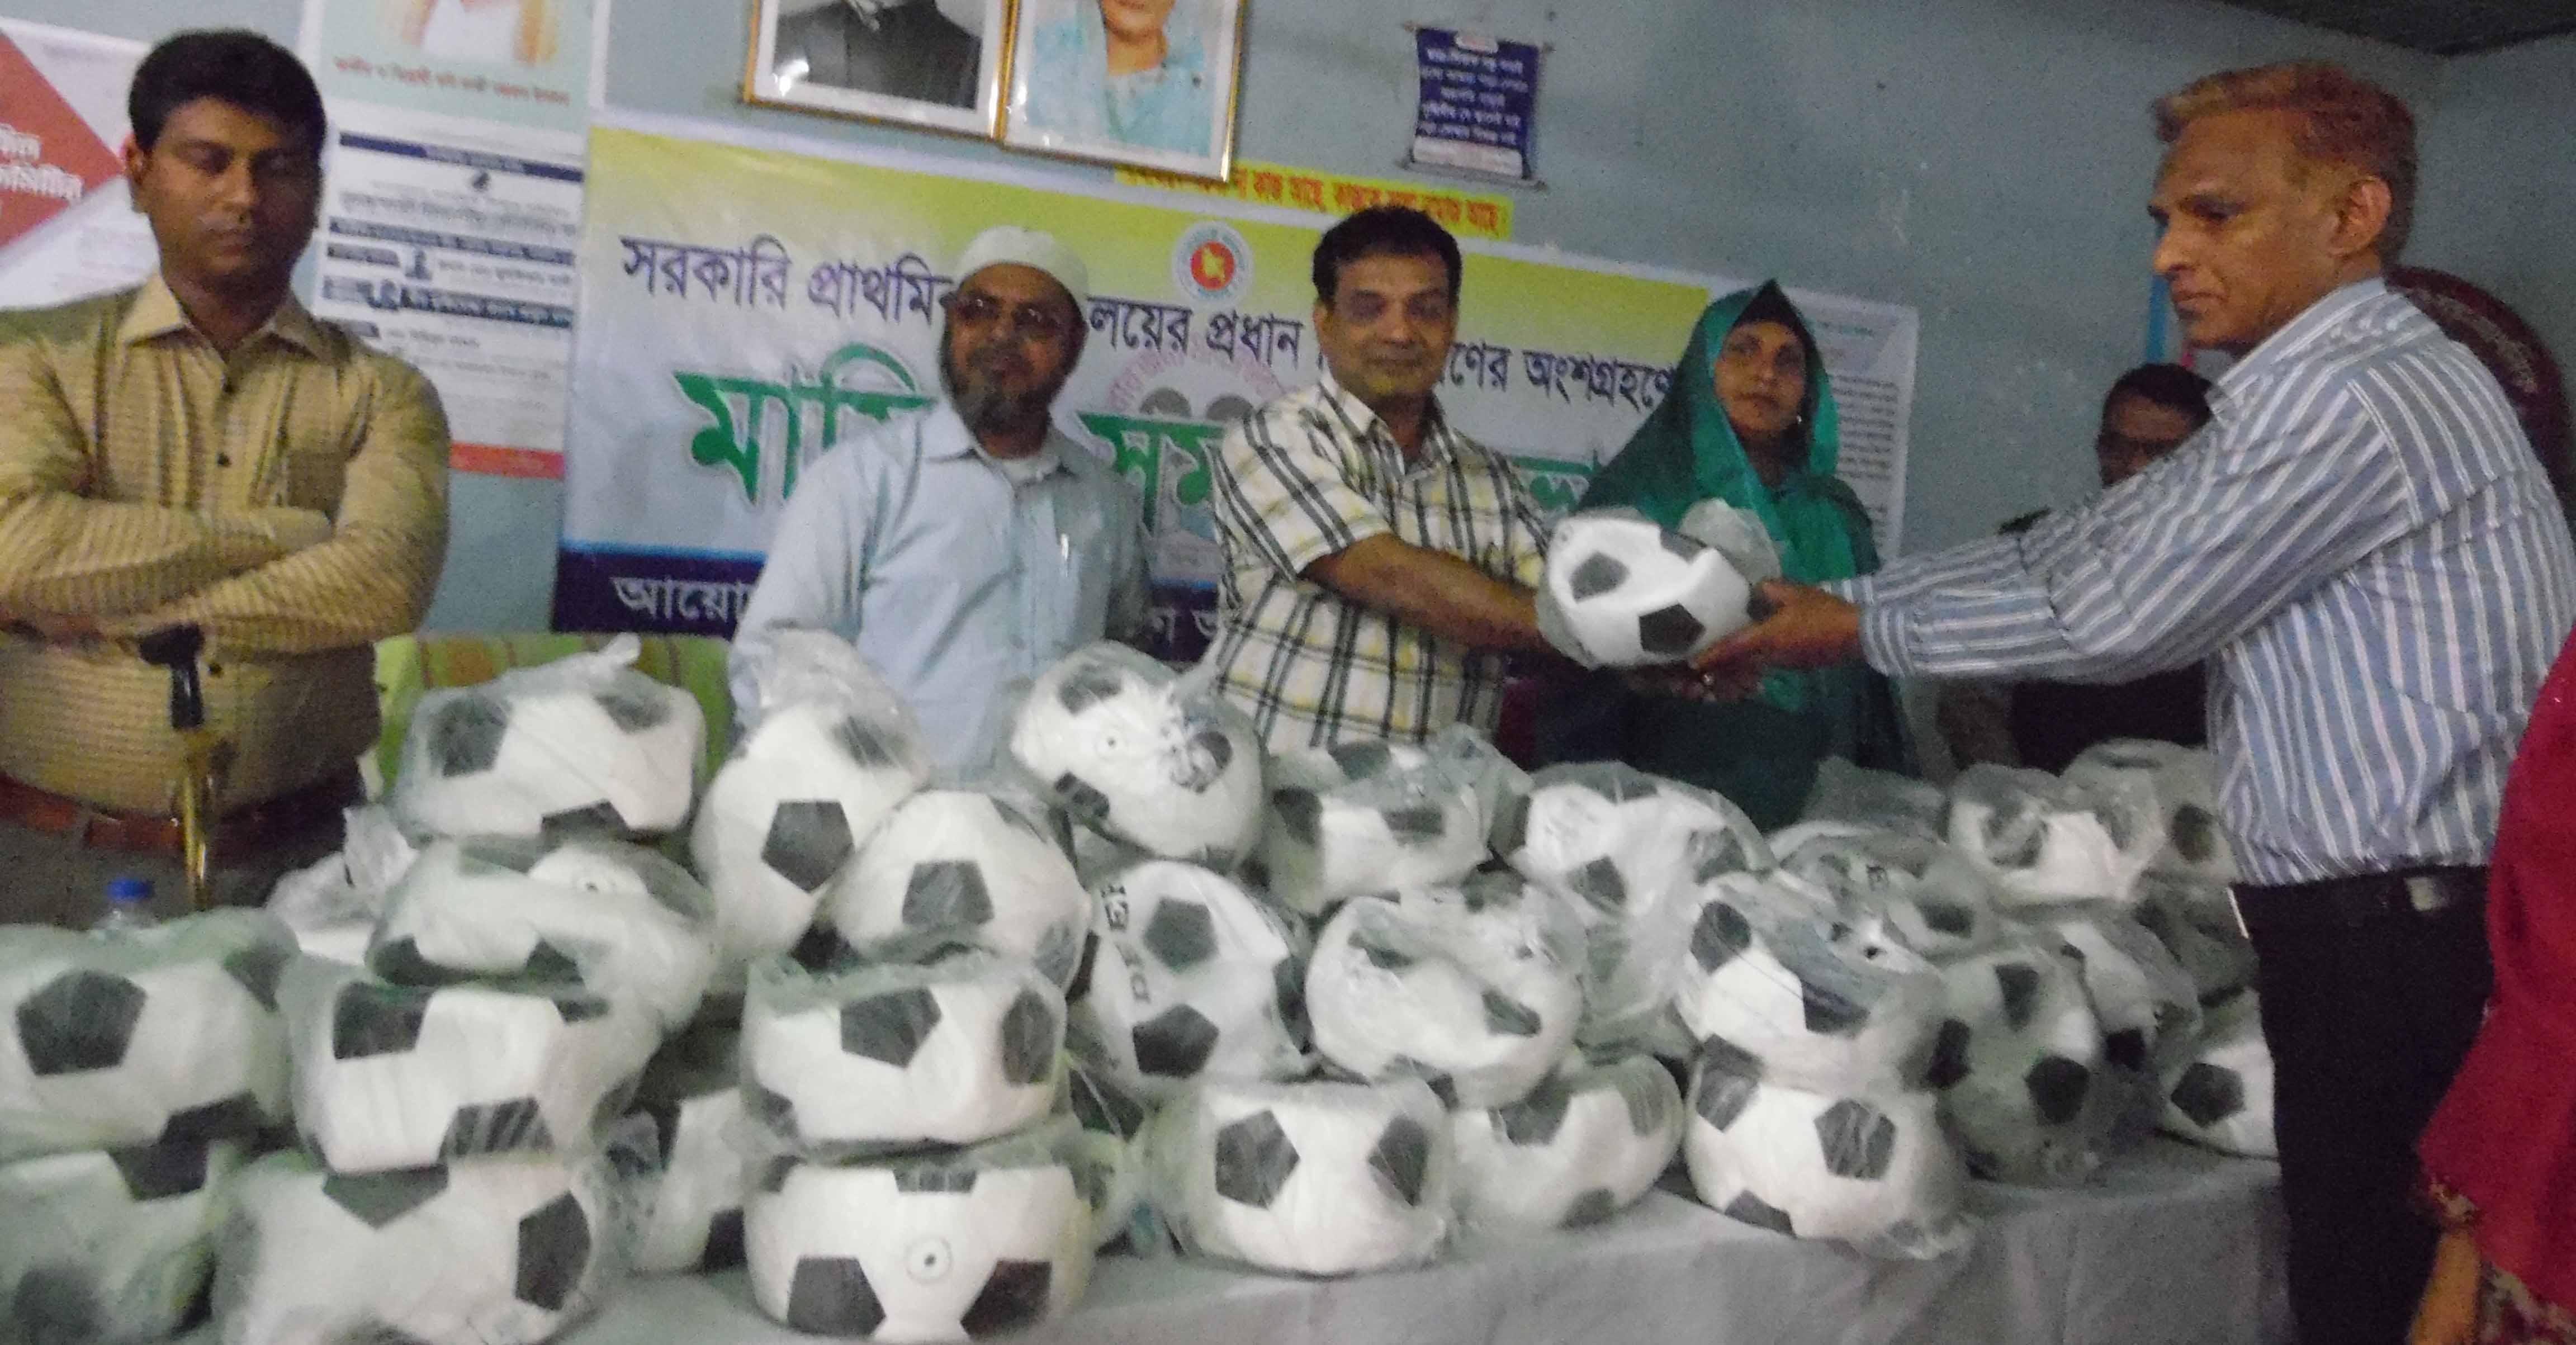 সোনাতলায় ১২৩ টি প্রাথমিক বিদ্যালয়ে ফুটবল বিতরন